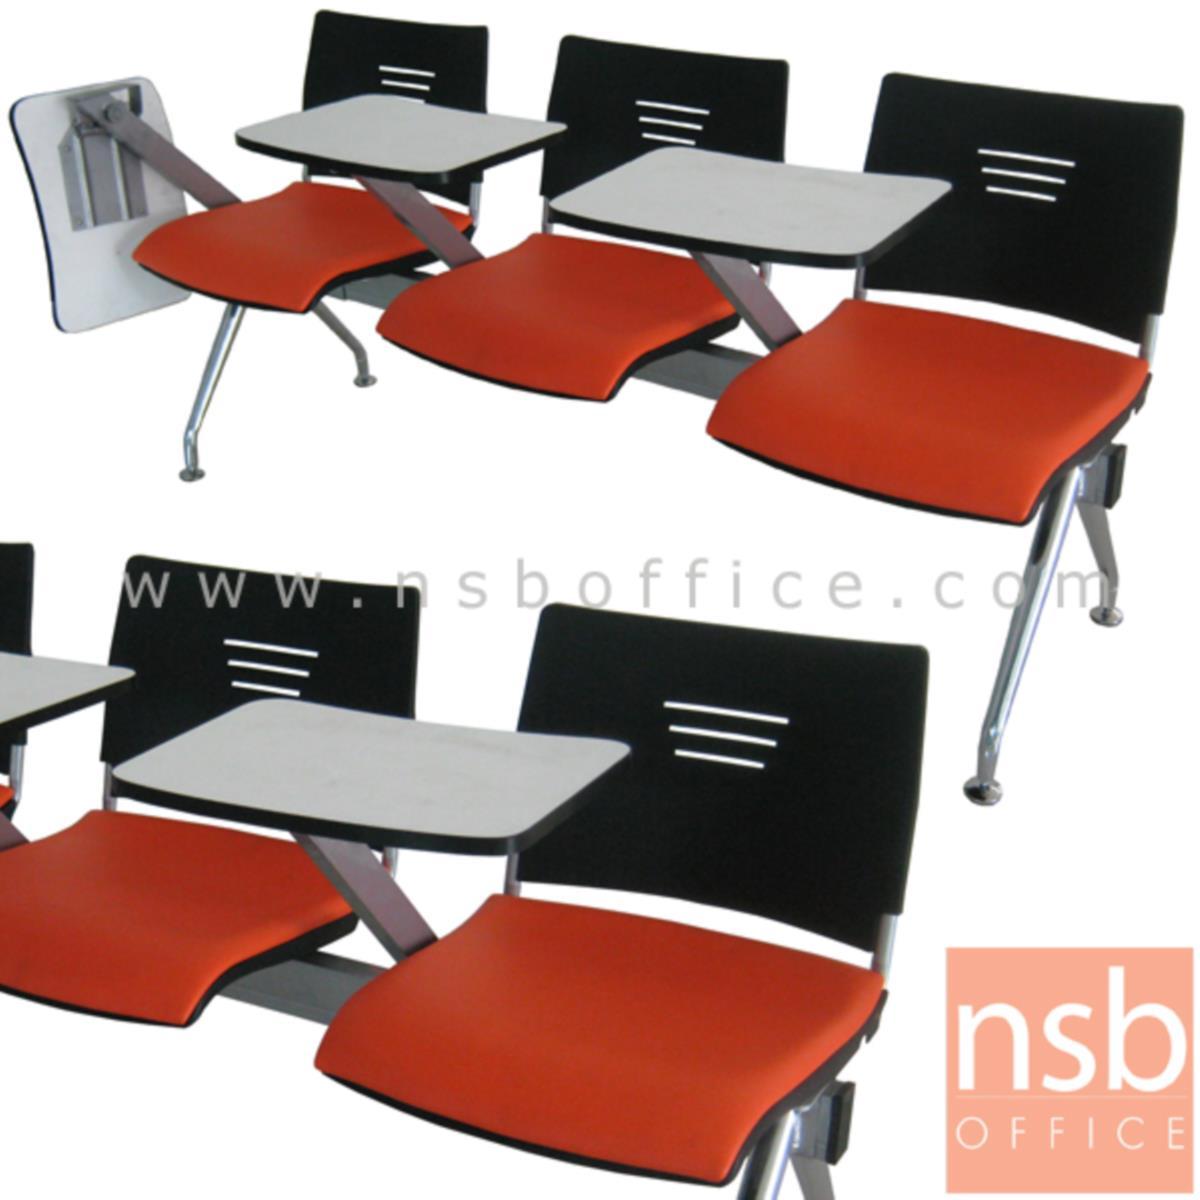 เก้าอี้เลคเชอร์แถวเฟรมโพลี่หุ้มเบาะ รุ่น Shaffer (ชาฟเฟอร์) 2 ,3 และ 4 ที่นั่ง ขาเหล็กชุบโครเมี่ยม